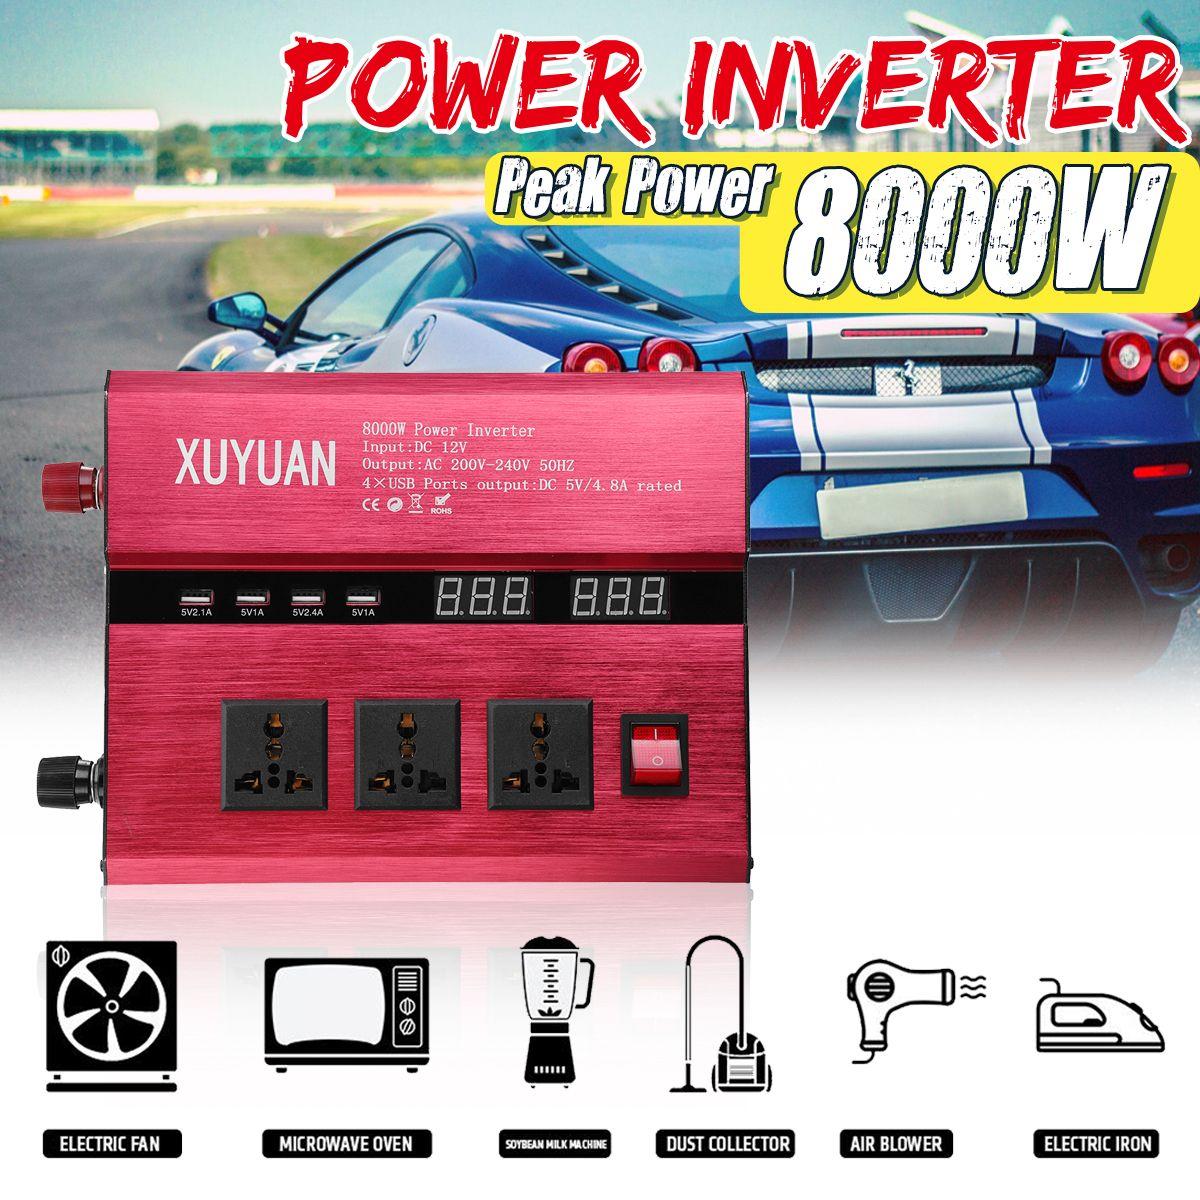 10000W Solar Power Inverter 12V 24V 220V Sine Wave Inverter DC-AC Car Invensor Convertor Voltage Transformer 10000W Peak Power